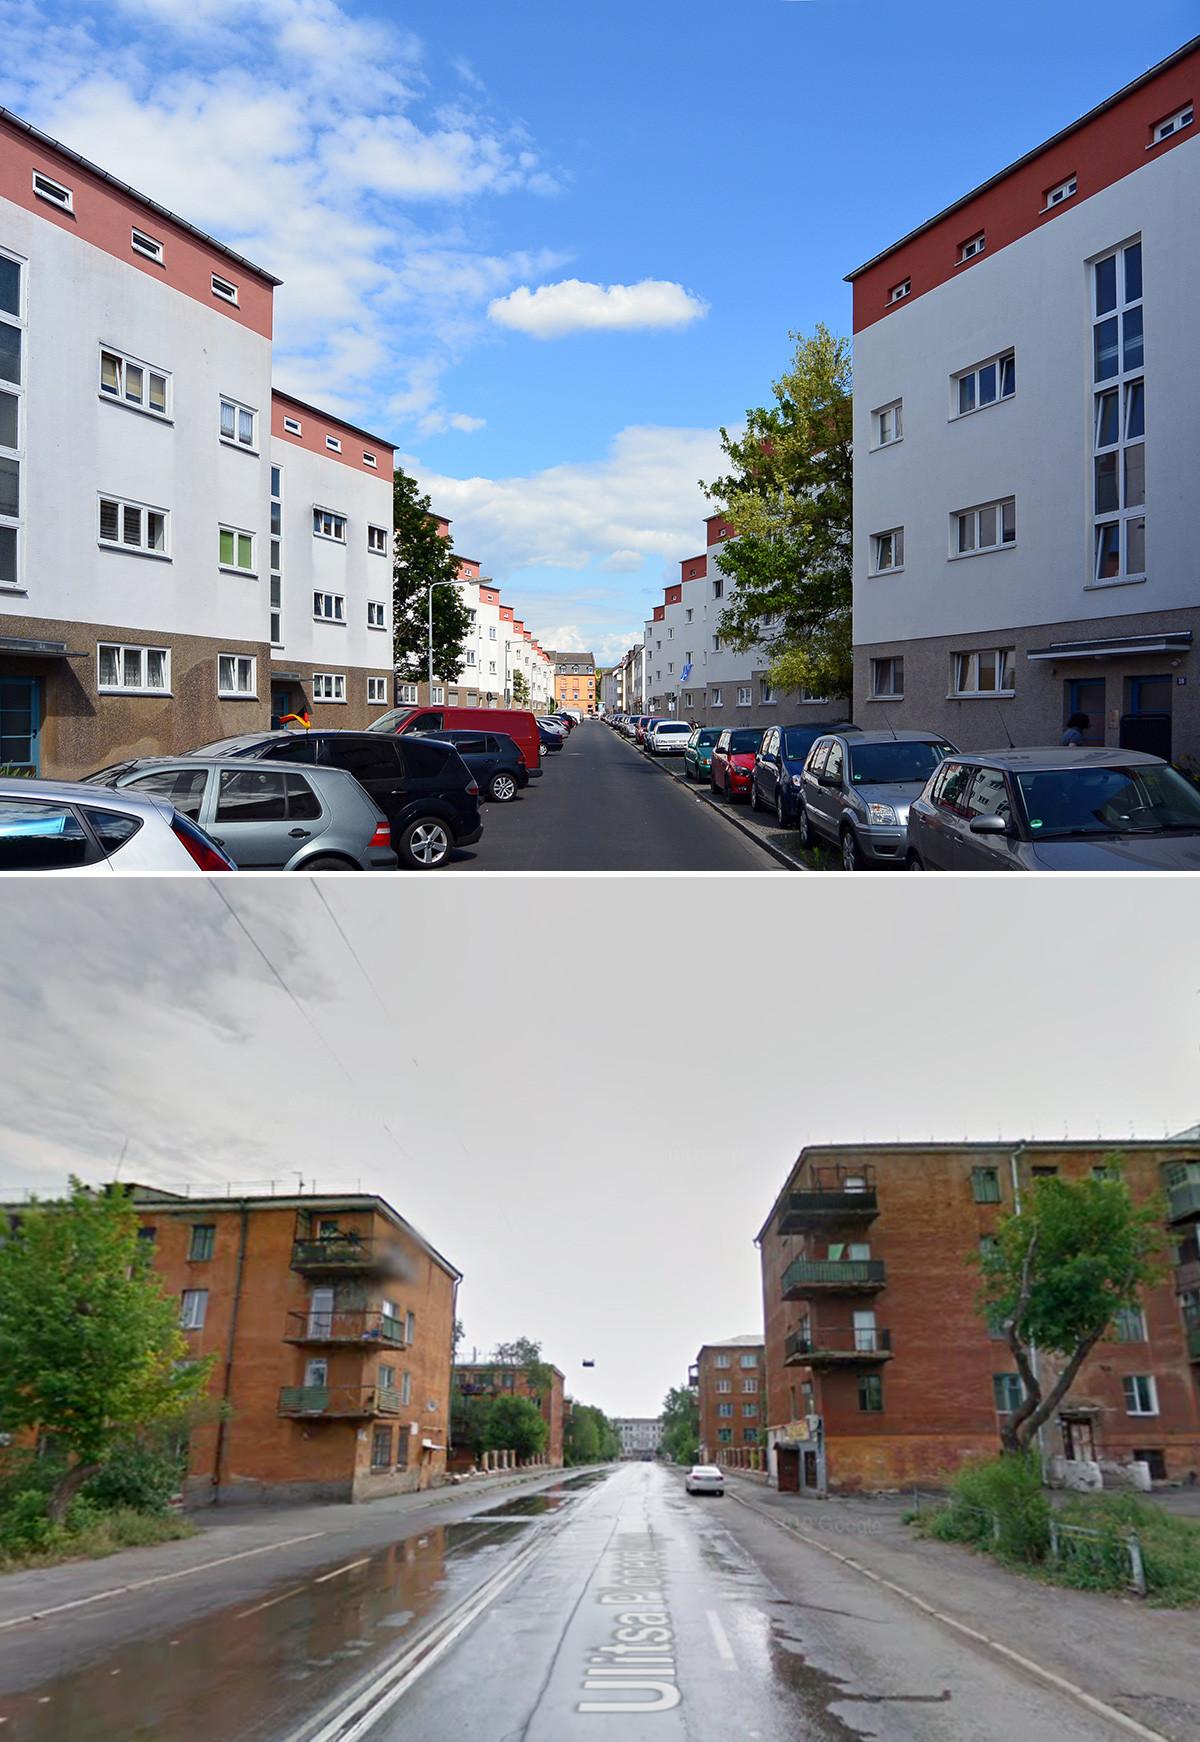 Цик-цак зграде у Франкфурту (горе) и на улици Пионирска у Магнитогорску (доле)